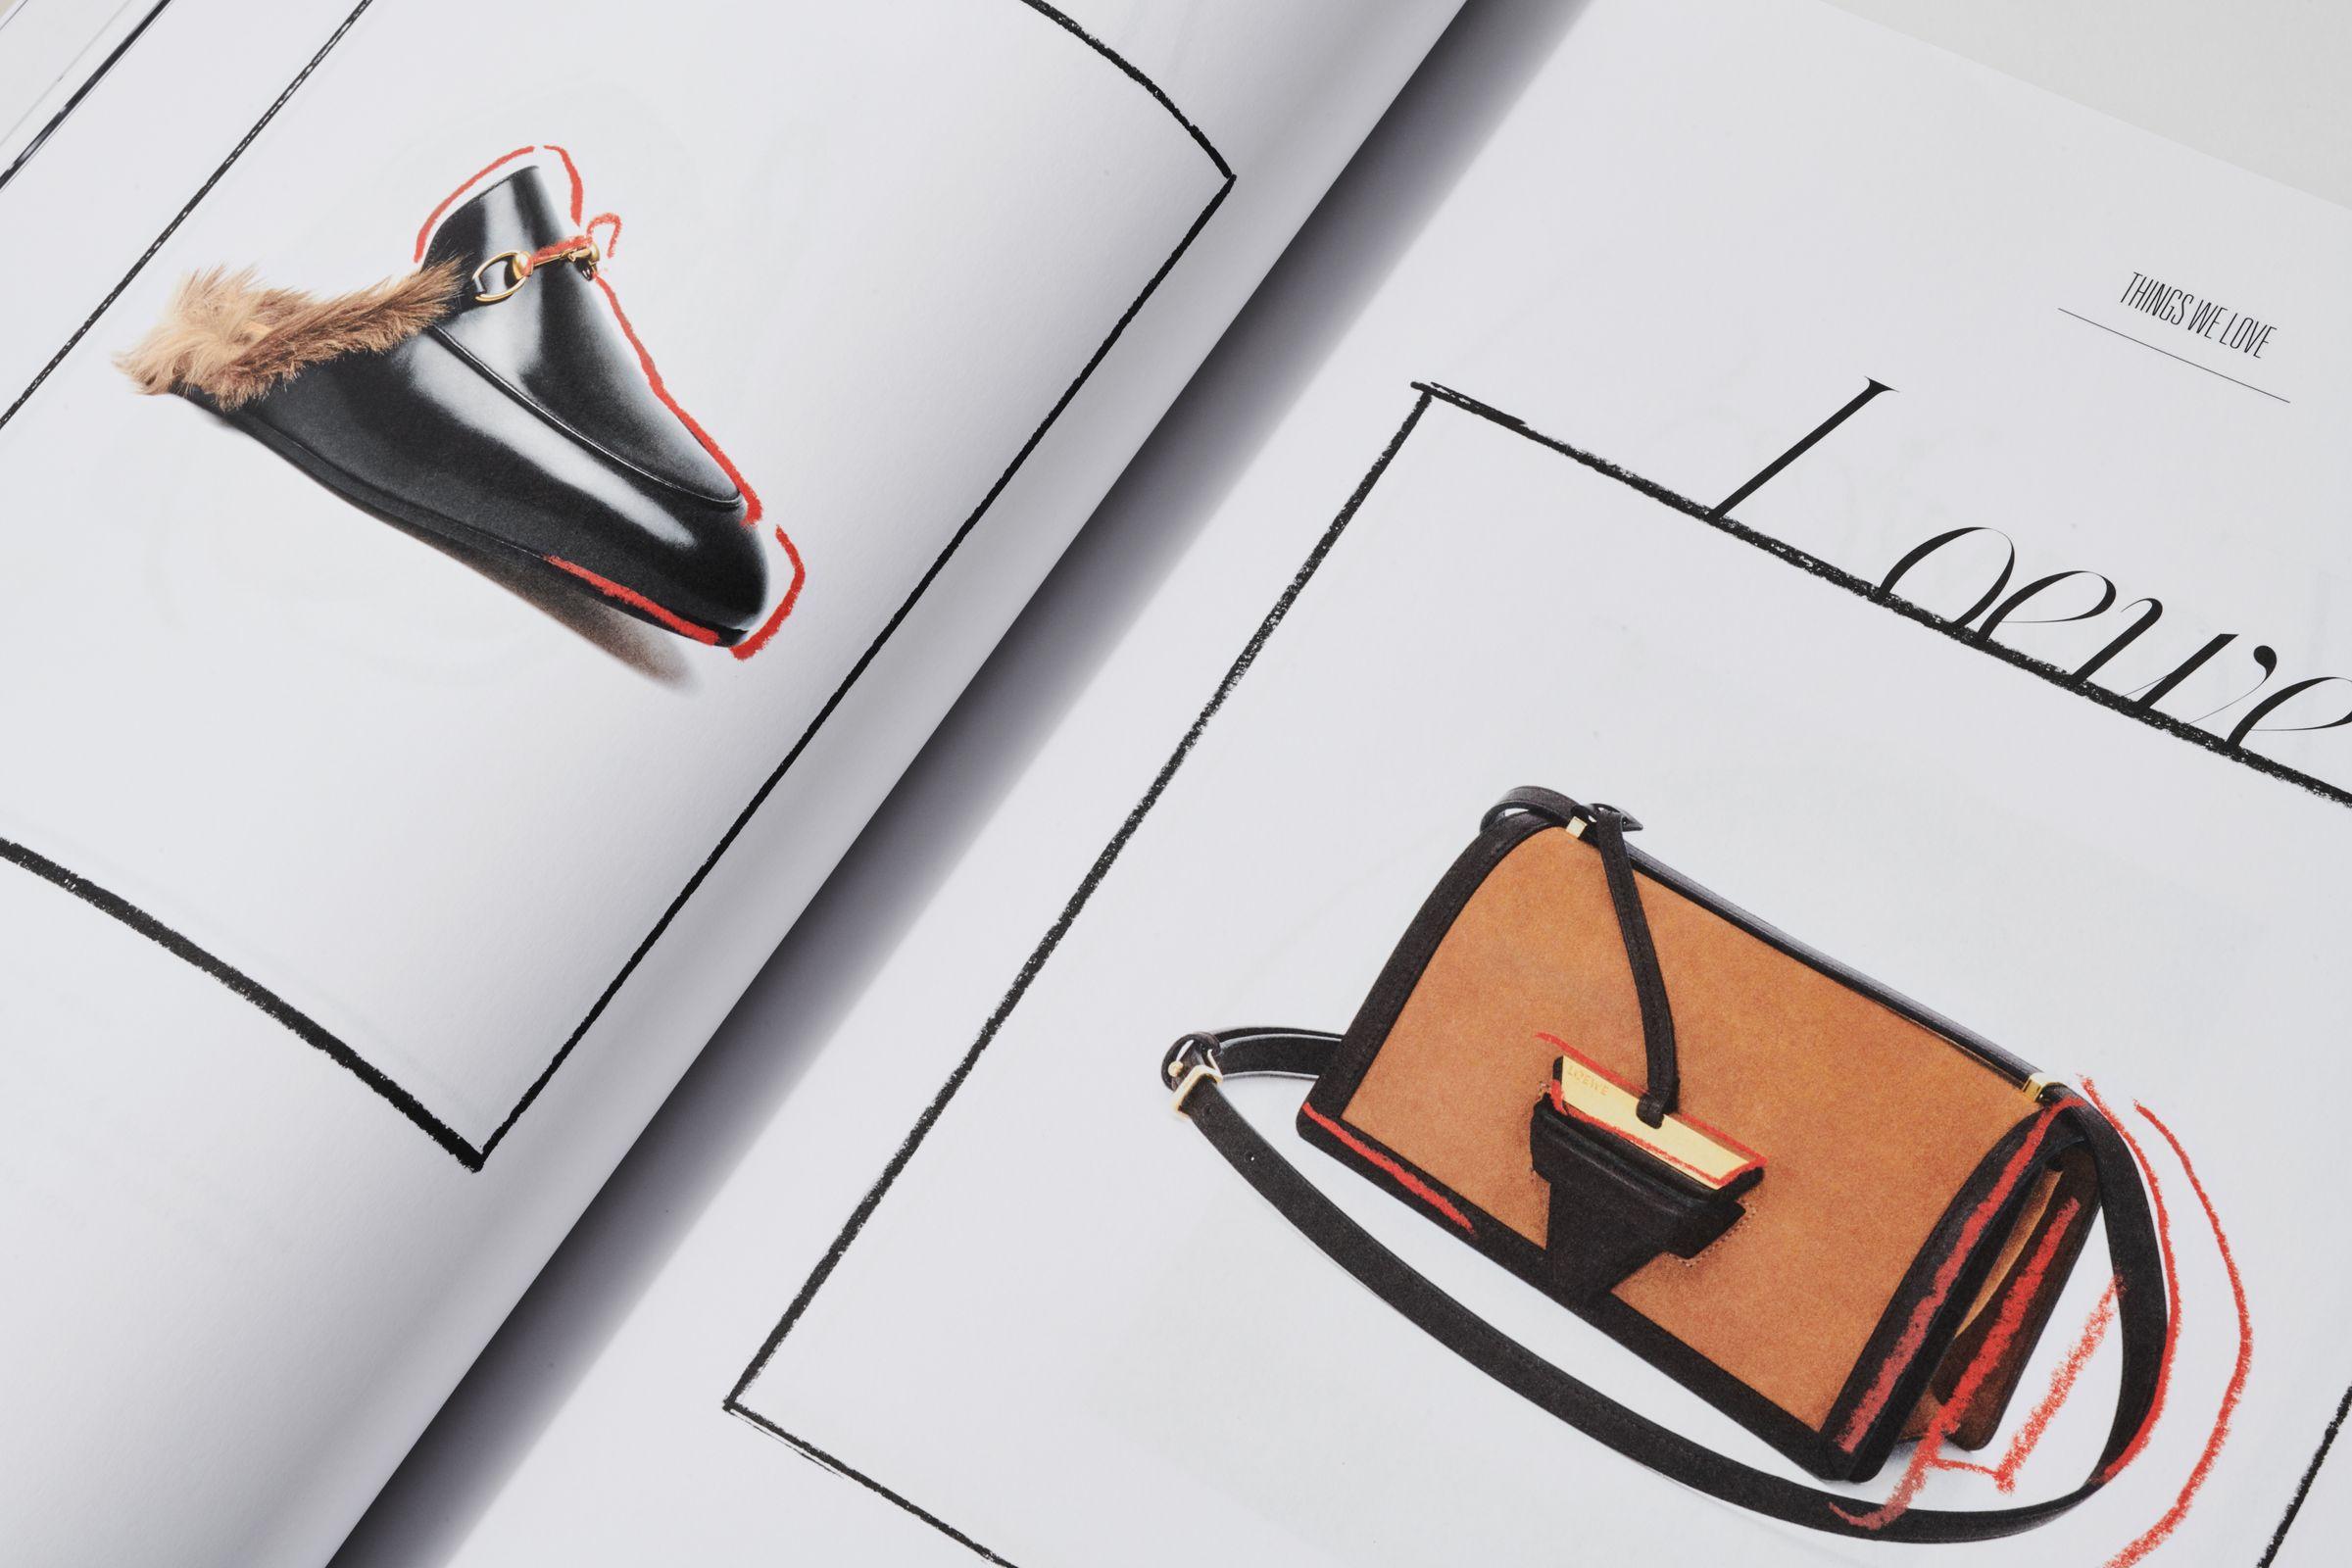 Rika Magazine issue no. 13 Things We Love Loewe